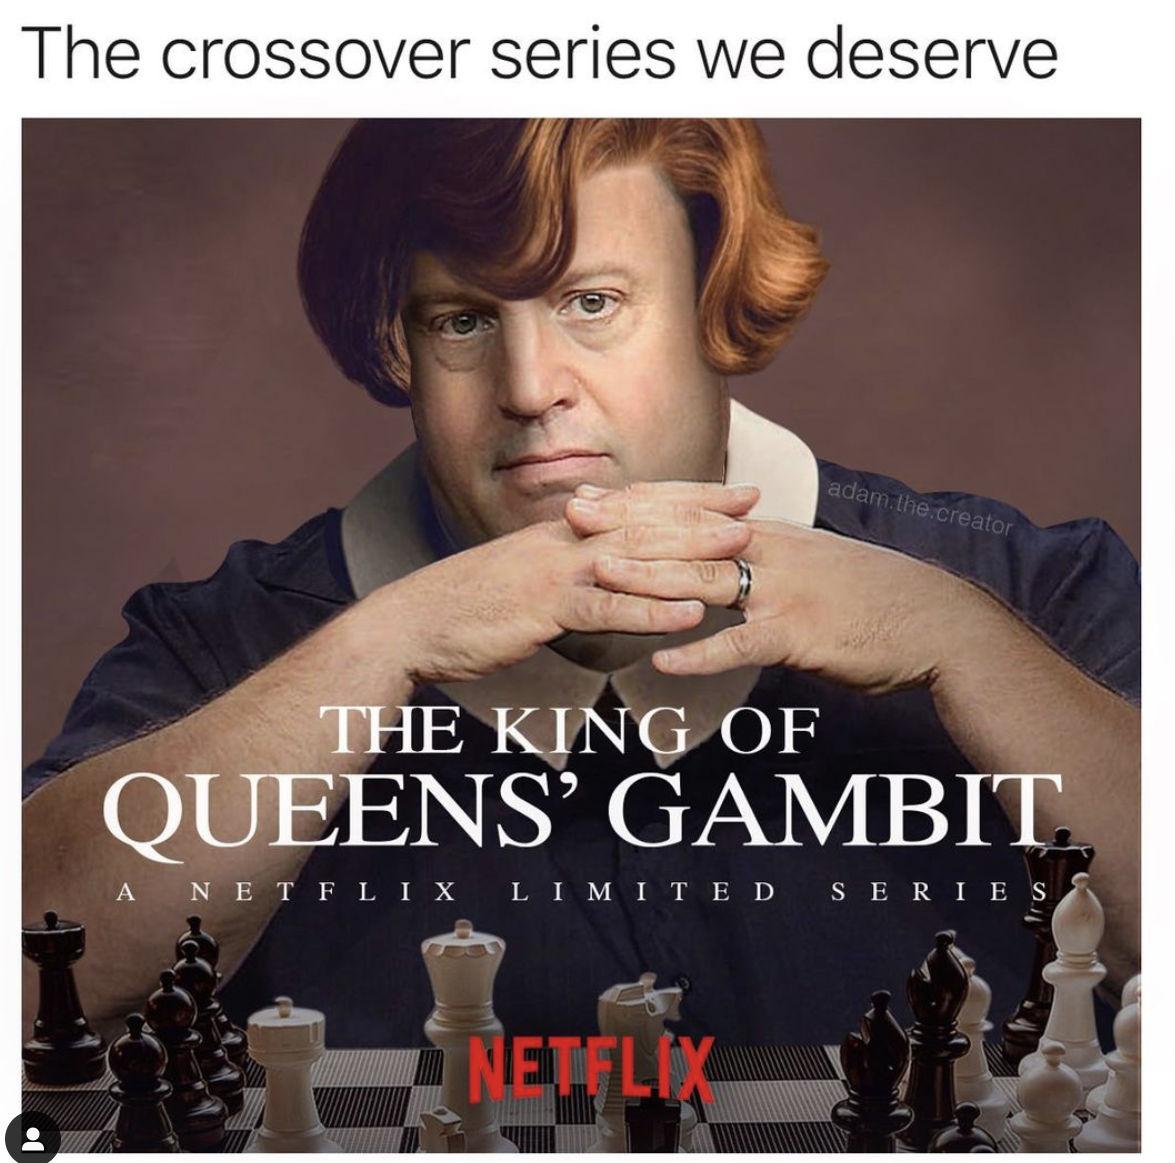 the king of queens gambit